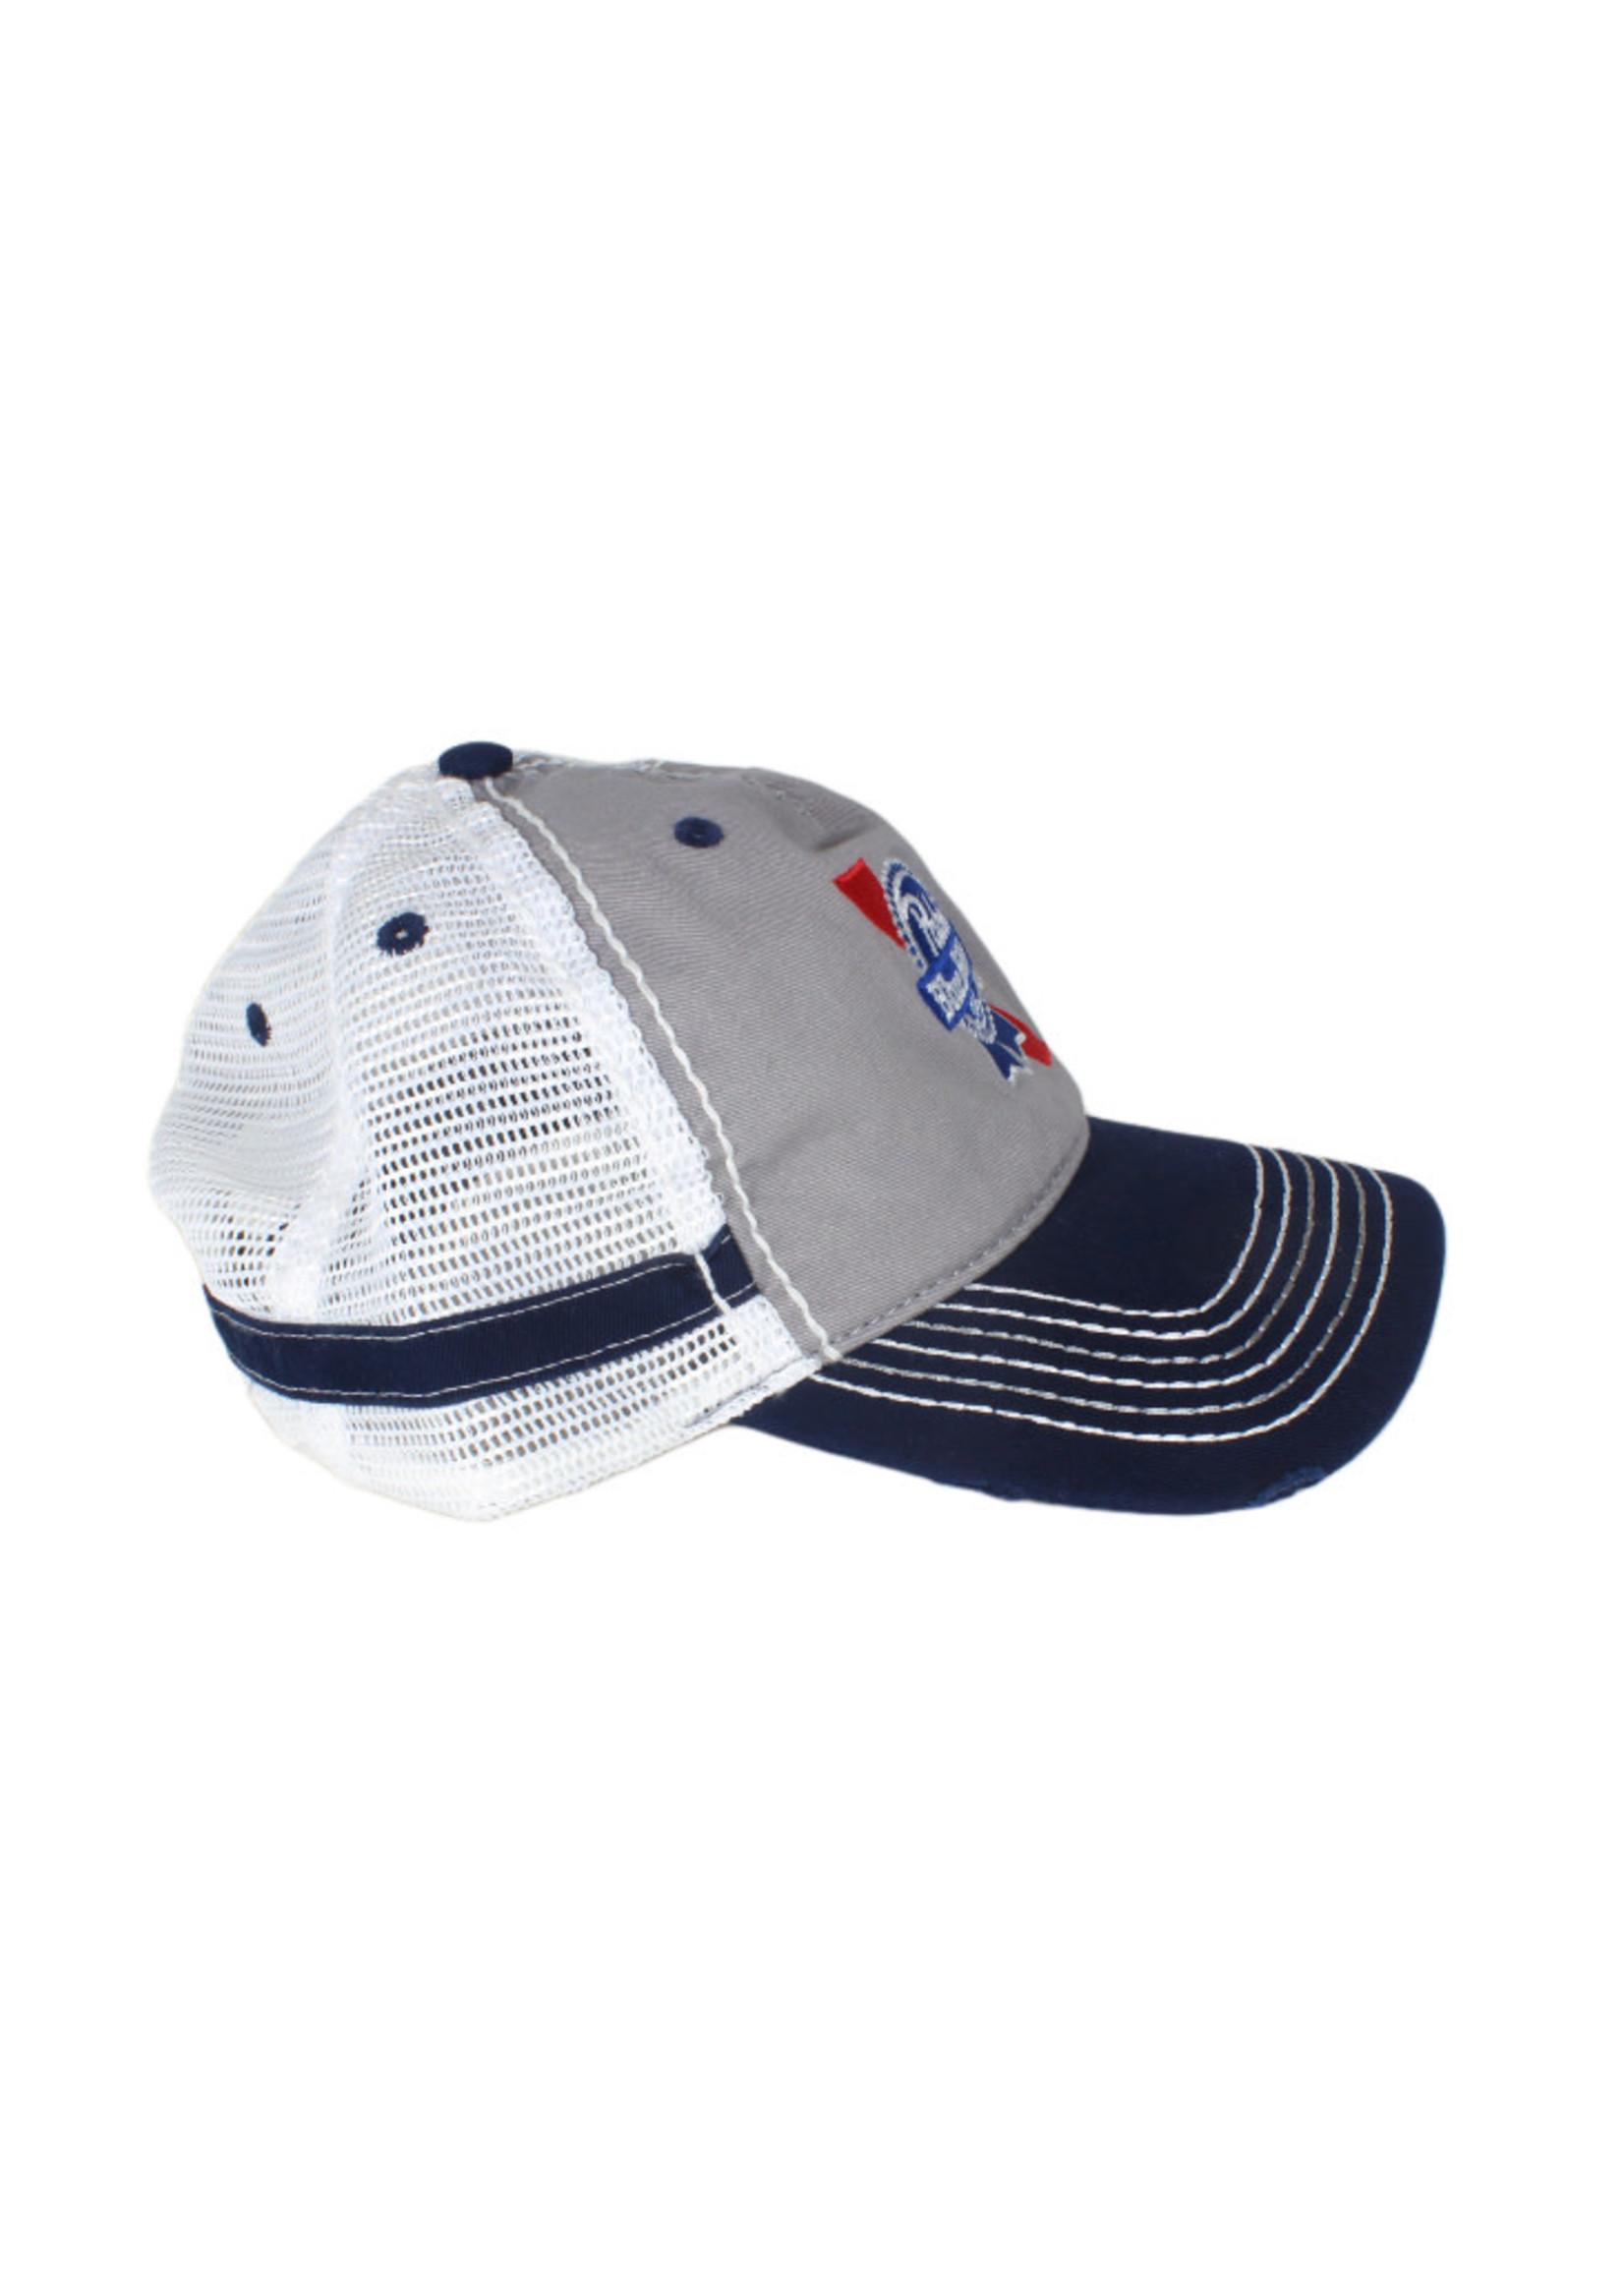 Pabst Pabst Stitch Bill Grey Trucker Hat